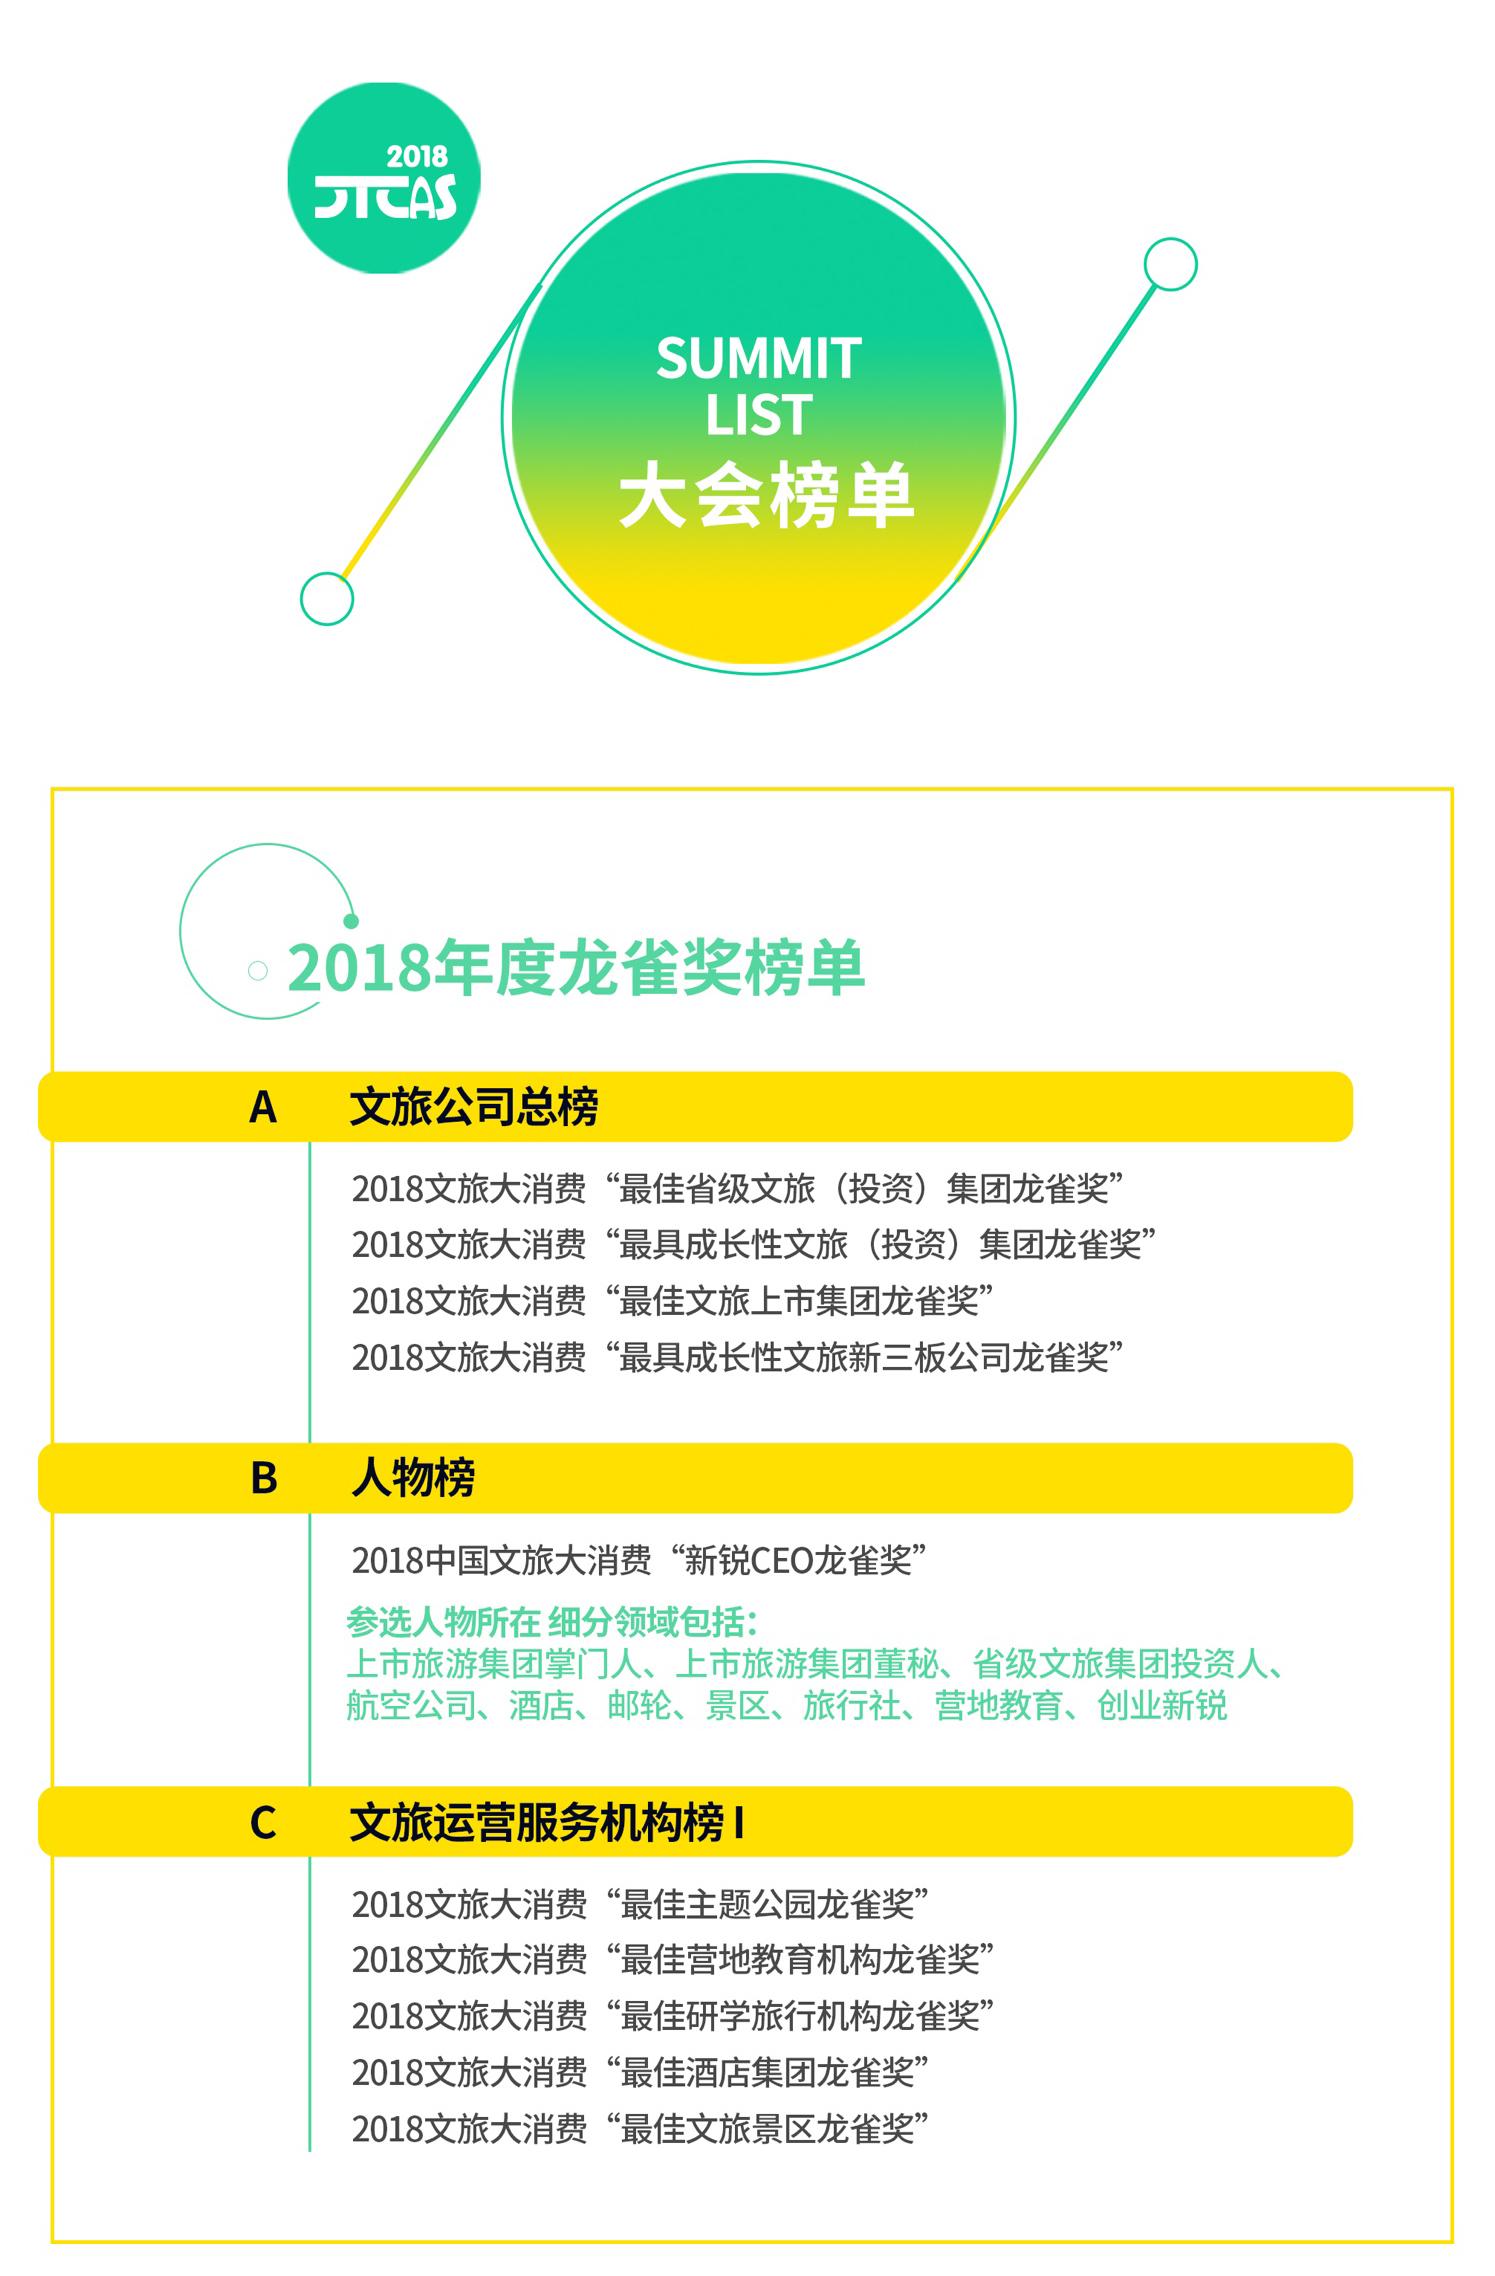 """2018中国文旅大消费年度峰会暨第三届""""龙雀奖""""颁奖盛典"""